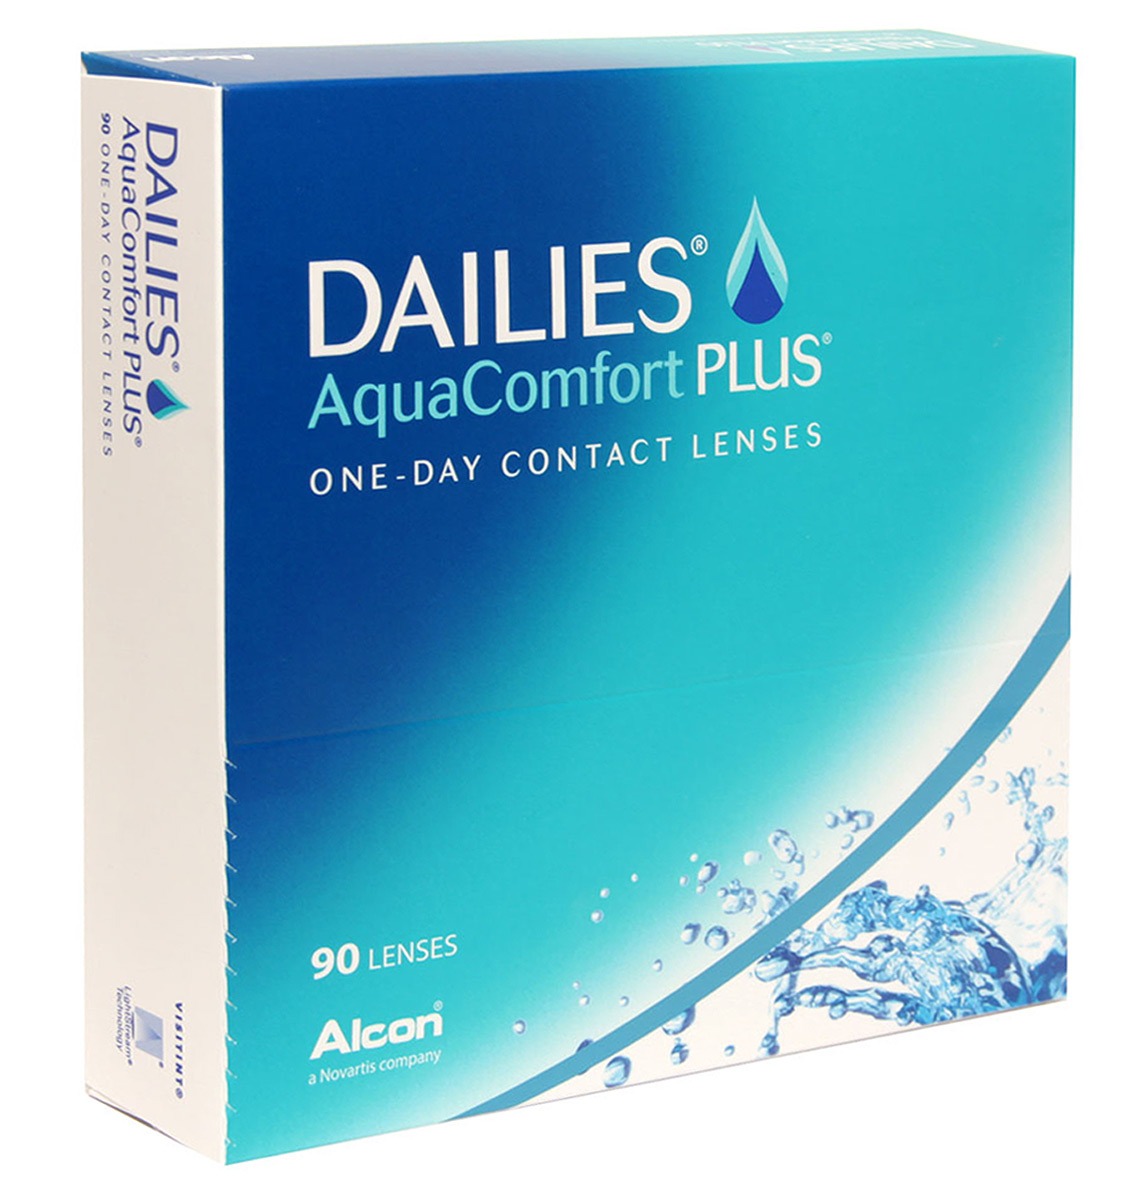 Alcon-CIBA Vision контактные линзы Dailies AquaComfort Plus (90шт / 8.7 / 14.0 / -1.75)ФМ000003396Dailies AquaComfort Plus - это одни из самых популярных однодневных линз производства компании Ciba Vision. Эти линзы пользуются огромной популярностью во всем мире и являются на сегодняшний день самыми безопасными контактными линзами. Изготавливаются линзы из современного, 100% безопасного материала нелфилкон А. Особенность этого материала в том, что он легко пропускает воздух и хорошо сохраняет влагу. Однодневные контактные линзы Dailies AquaComfort Plus не нуждаются в дополнительном уходе и затратах, каждый день вы надеваете свежую пару линз. Дизайн линзы биосовместимый, что гарантирует безупречный комфорт. Самое главное достоинство Dailies AquaComfort Plus - это их уникальная система увлажнения. Благодаря этой разработке линзы увлажняются тремя различными агентами. Первый компонент, ухаживающий за линзами, находится в растворе, он как бы обволакивает линзу, обеспечивая чрезвычайно комфортное надевание. Второй агент выделяется на протяжении всего дня, он непрерывно смачивает линзы. Третий - увлажняющий агент, выделяется во время моргания, благодаря ему поддерживается постоянный комфорт. Также линзы имеют УФ-фильтр, который будет заботиться о ваших глазах. Dailies AquaComfort Plus - одни из лучших линз в своей категории. Всемирно известная компания Ciba Vision, создавая эти контактные линзы, попыталась учесть все потребности пациентов и ей это удалось! Характеристики:Материал: нелфилкон А. Кривизна: 8.6. Оптическая сила: - 1.75. Содержание воды: 69%. Диаметр: 13,8 мм. Количество линз: 90 шт. Размер упаковки: 15 см х 15,5 см х 3 см. Производитель: США. Товар сертифицирован.Контактные линзы или очки: советы офтальмологов. Статья OZON Гид